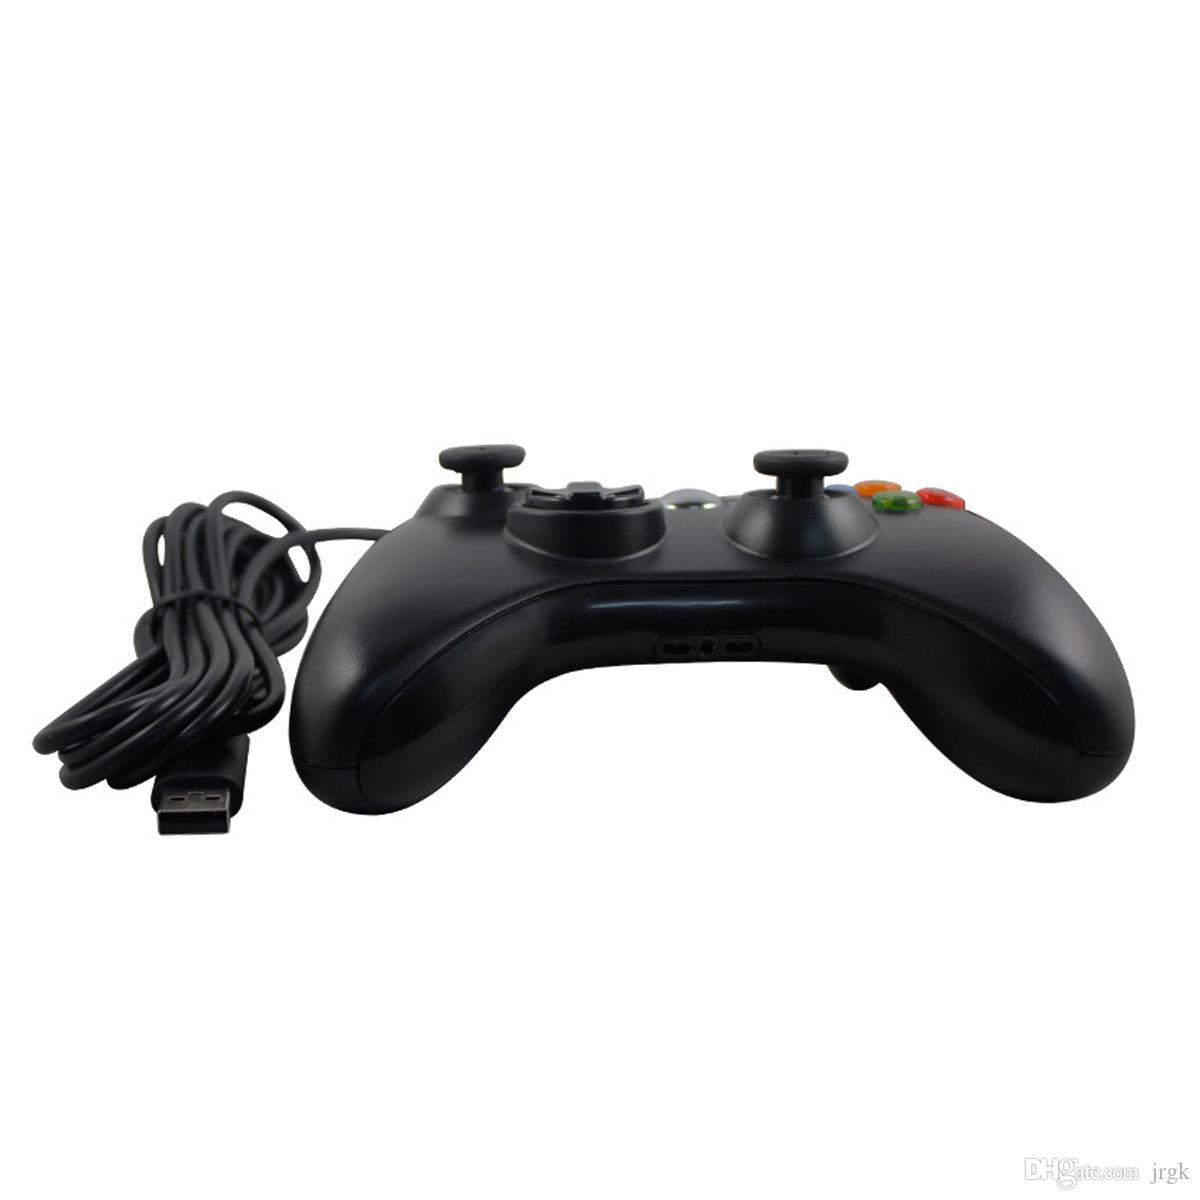 Ziemlich Xbox 360 Controller Schaltplan Fotos - Der Schaltplan ...